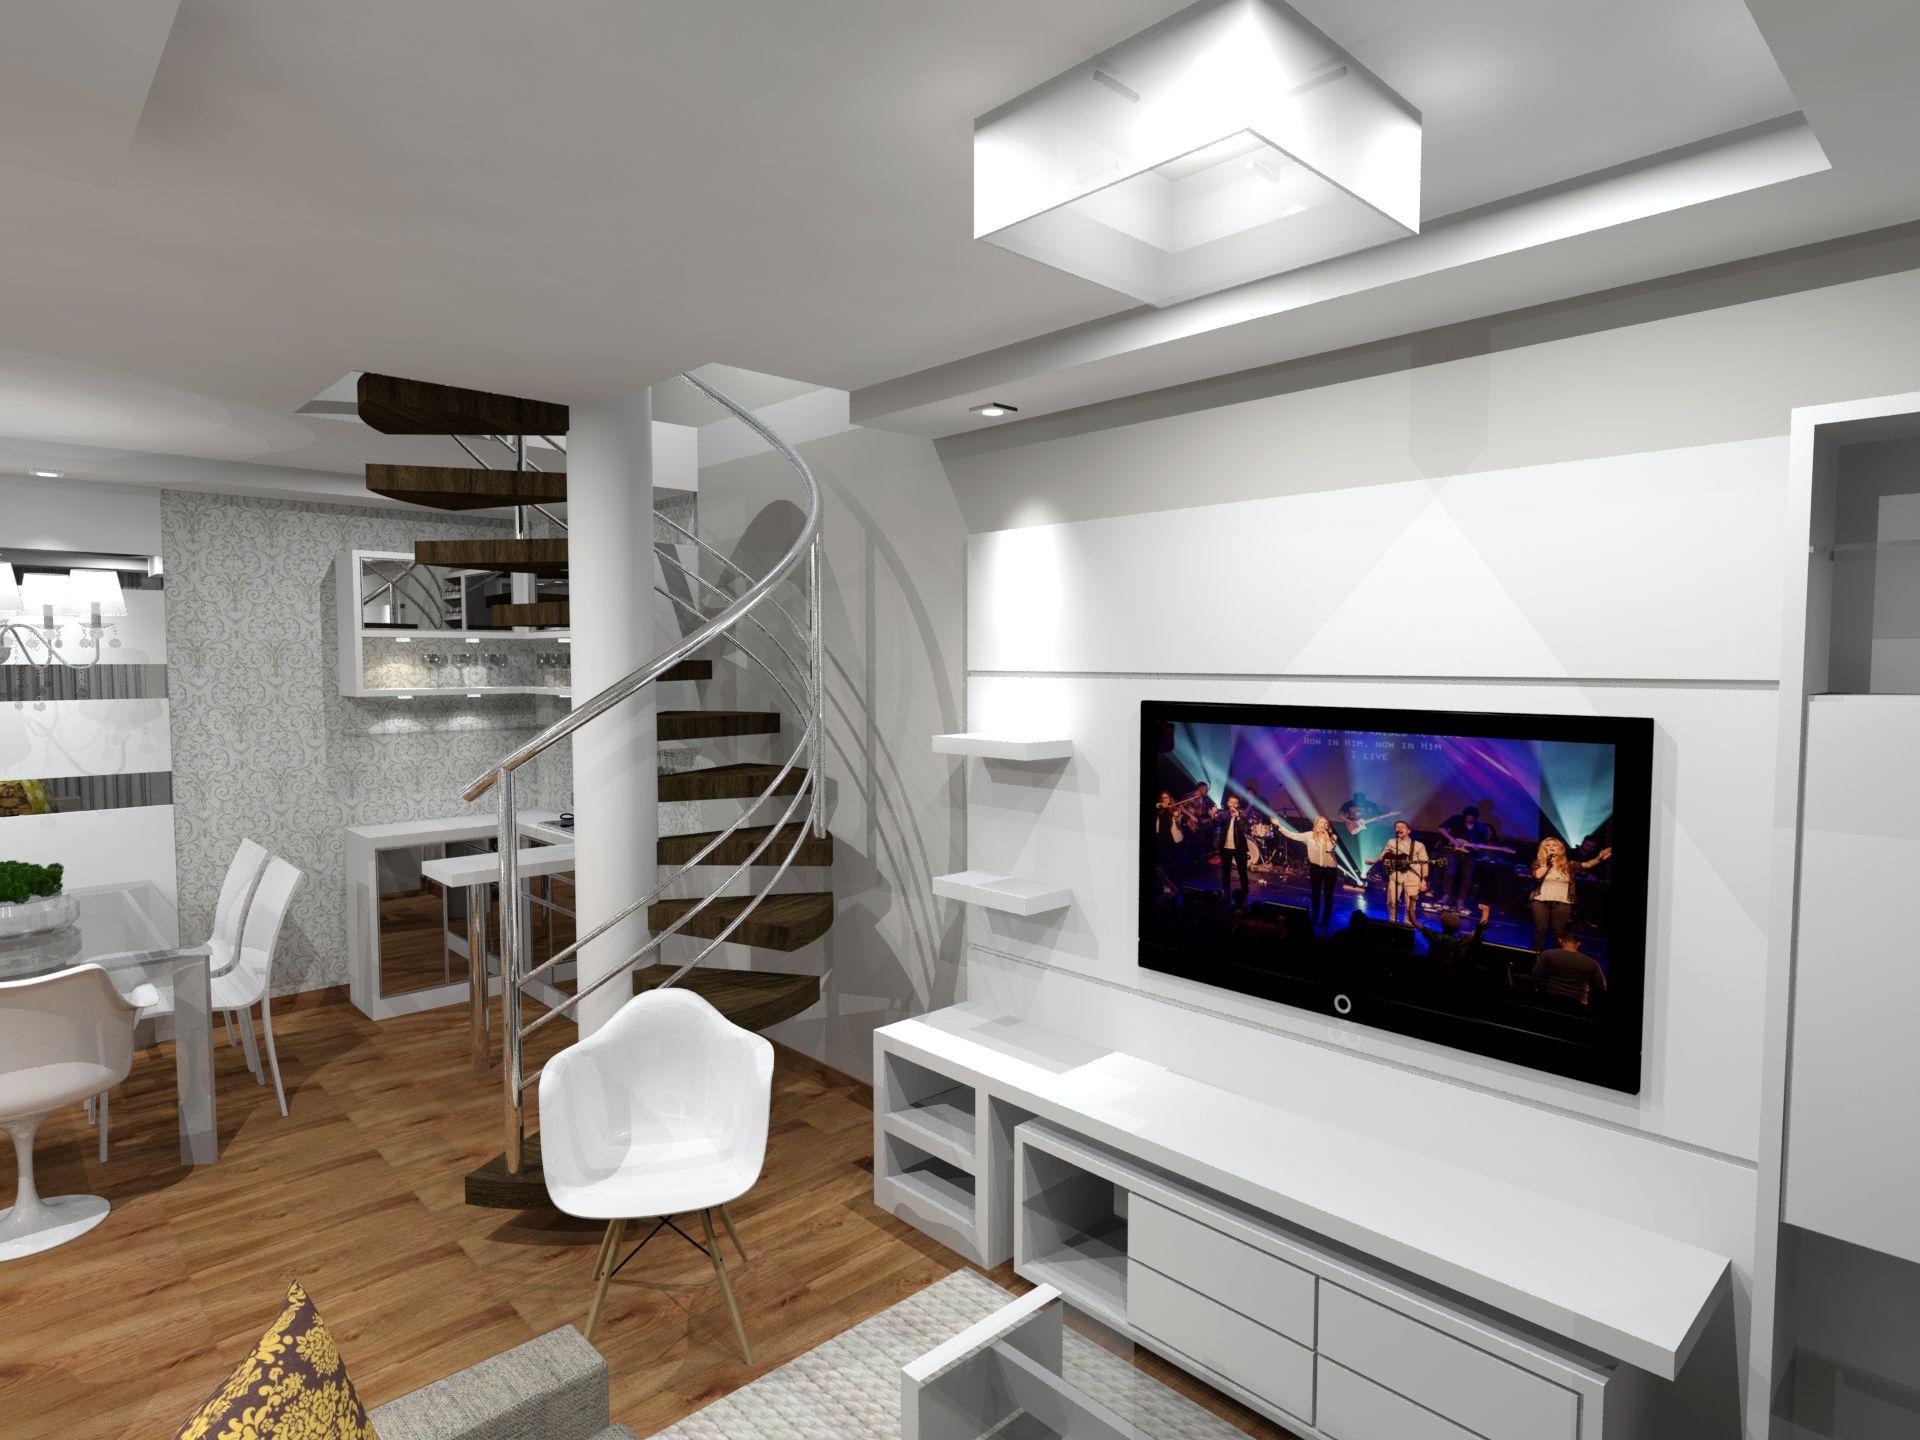 / Estar Arquitetônico Conceitual – Projetos para Interiores #312979 1920 1440